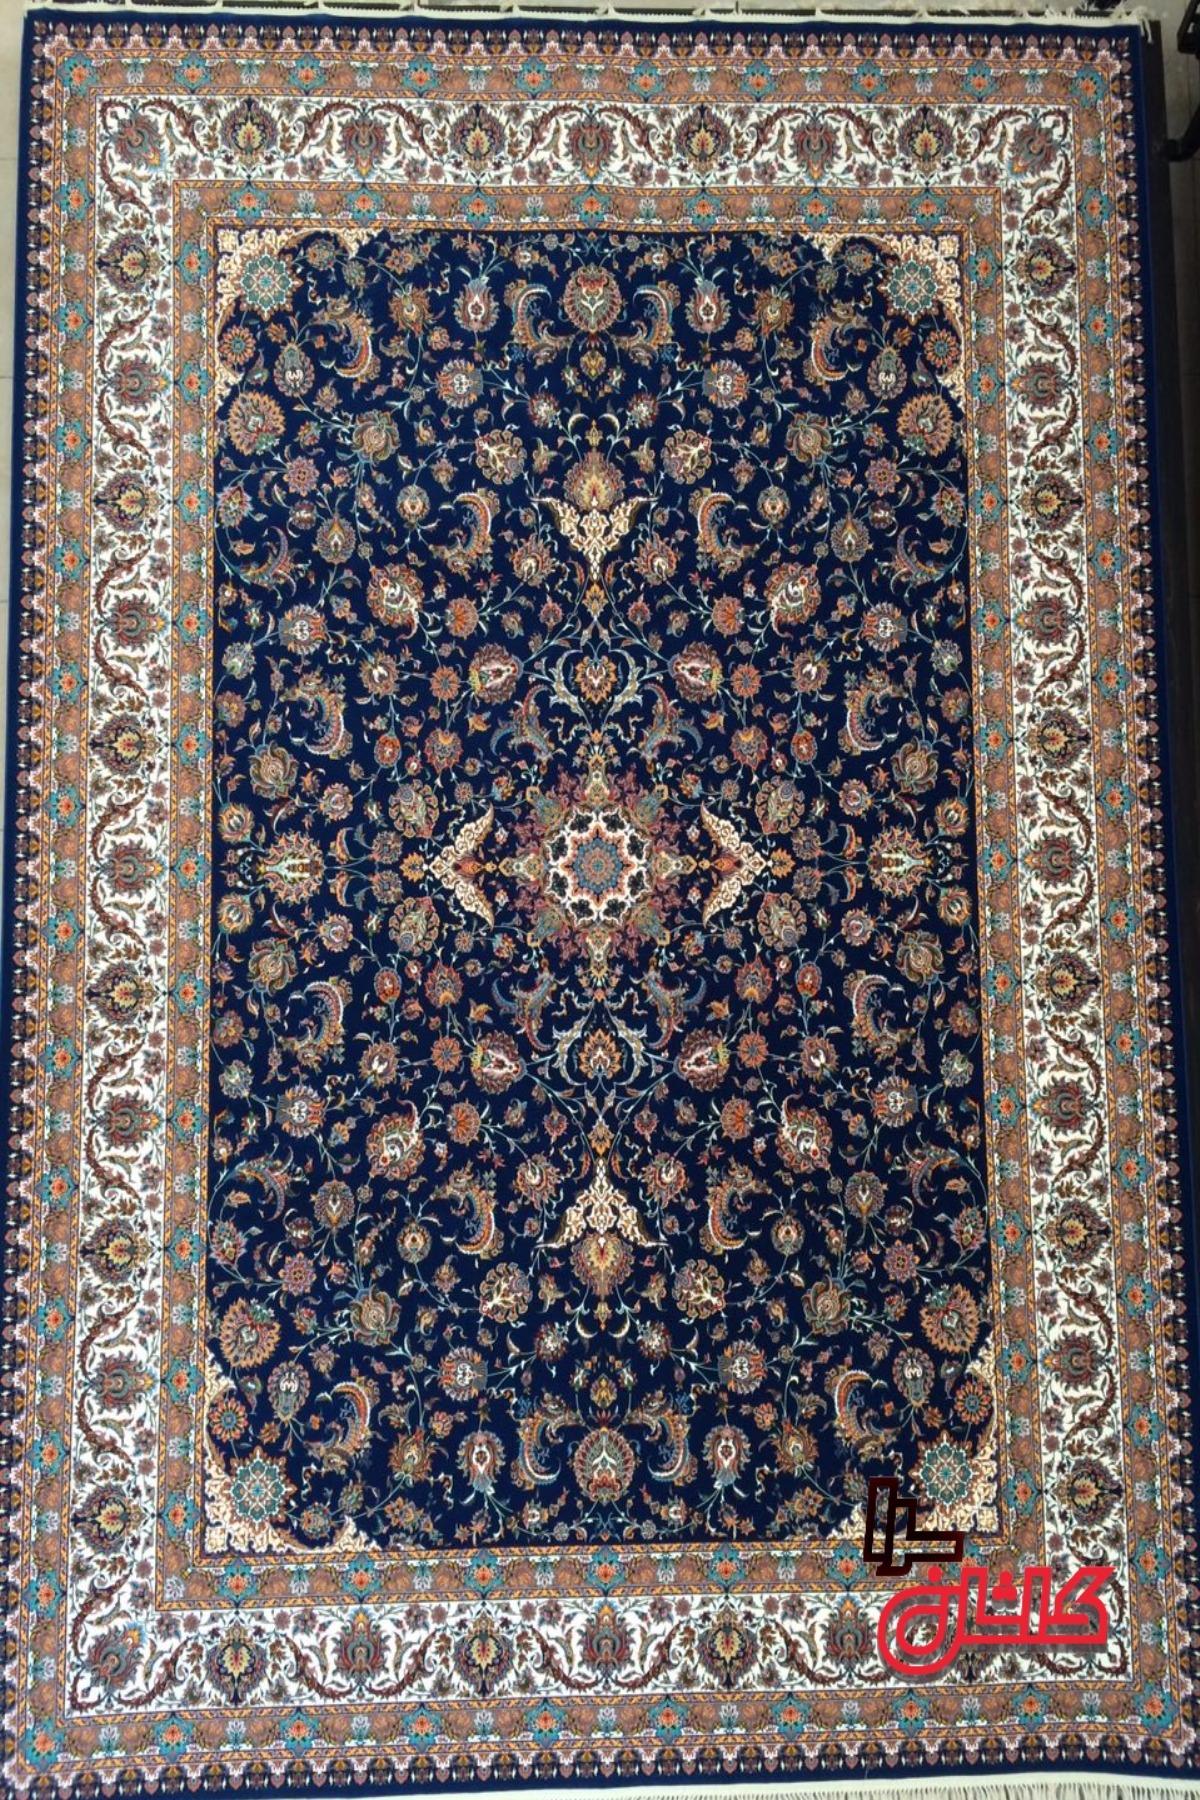 7130-Carboni-1200-Diplomat-Carpet